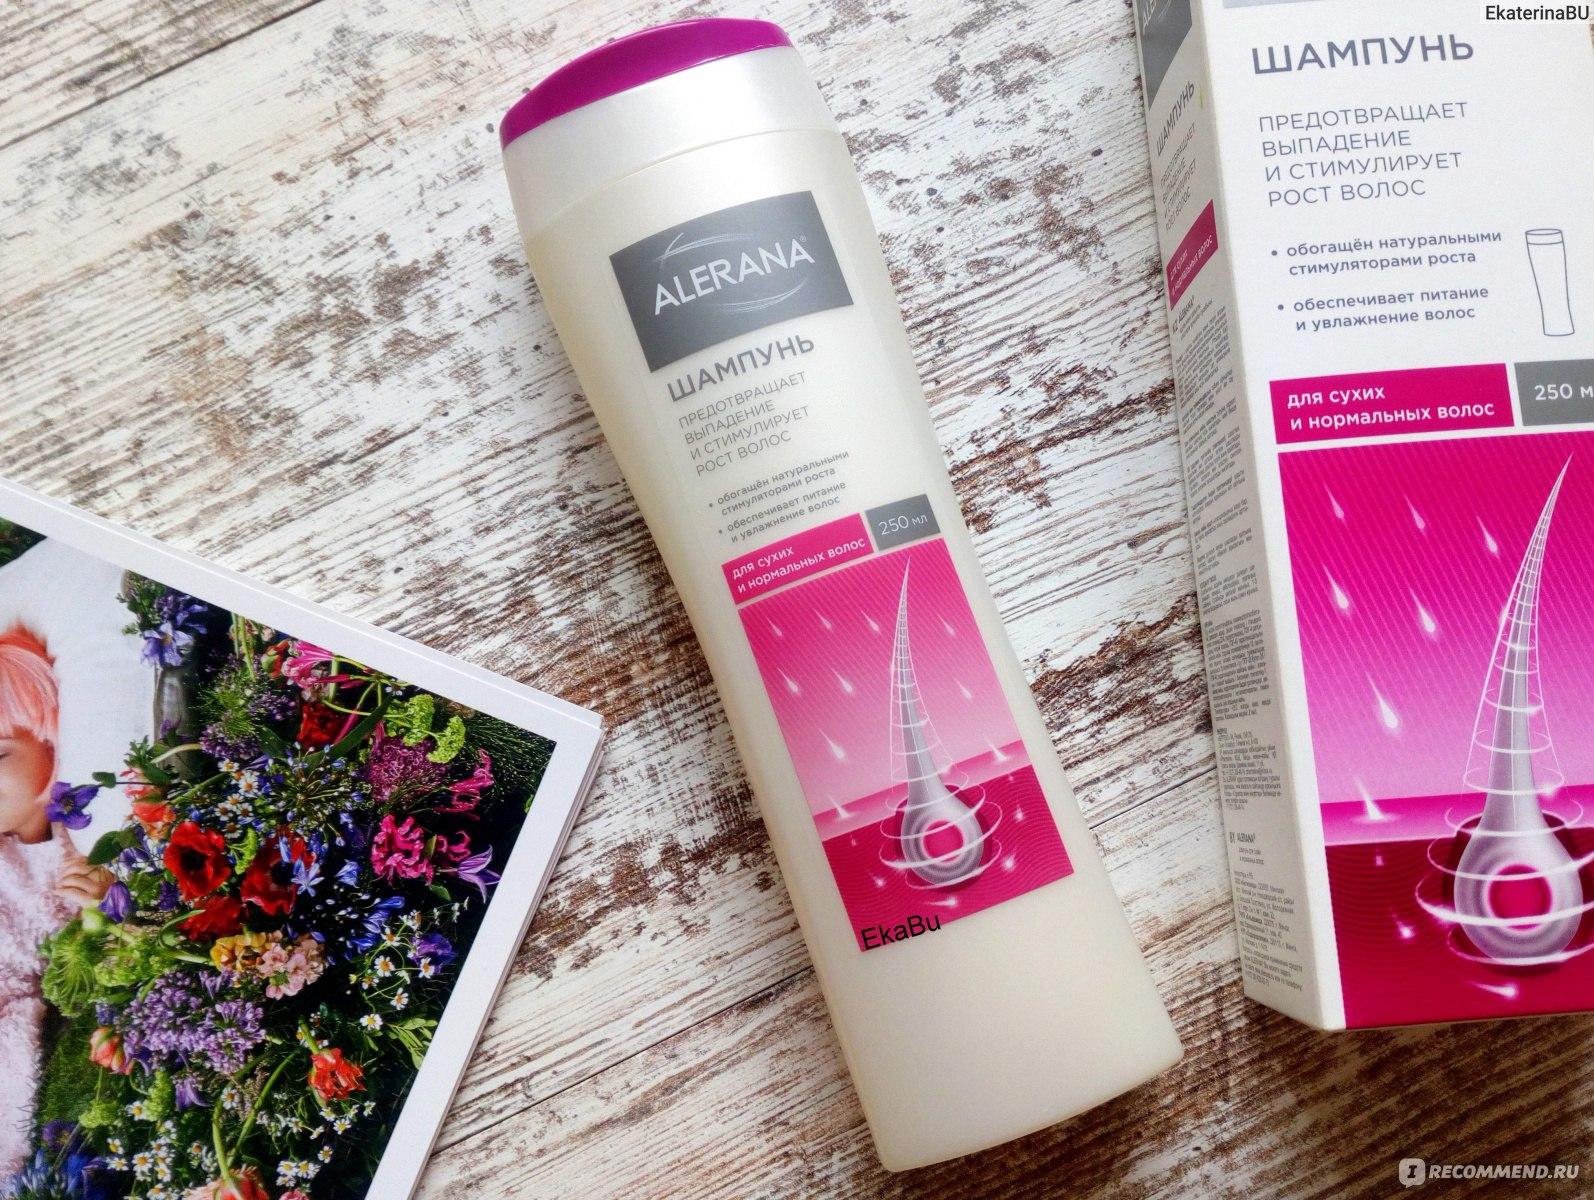 Шампунь алерана для сухих и нормальных волос для роста отзывы